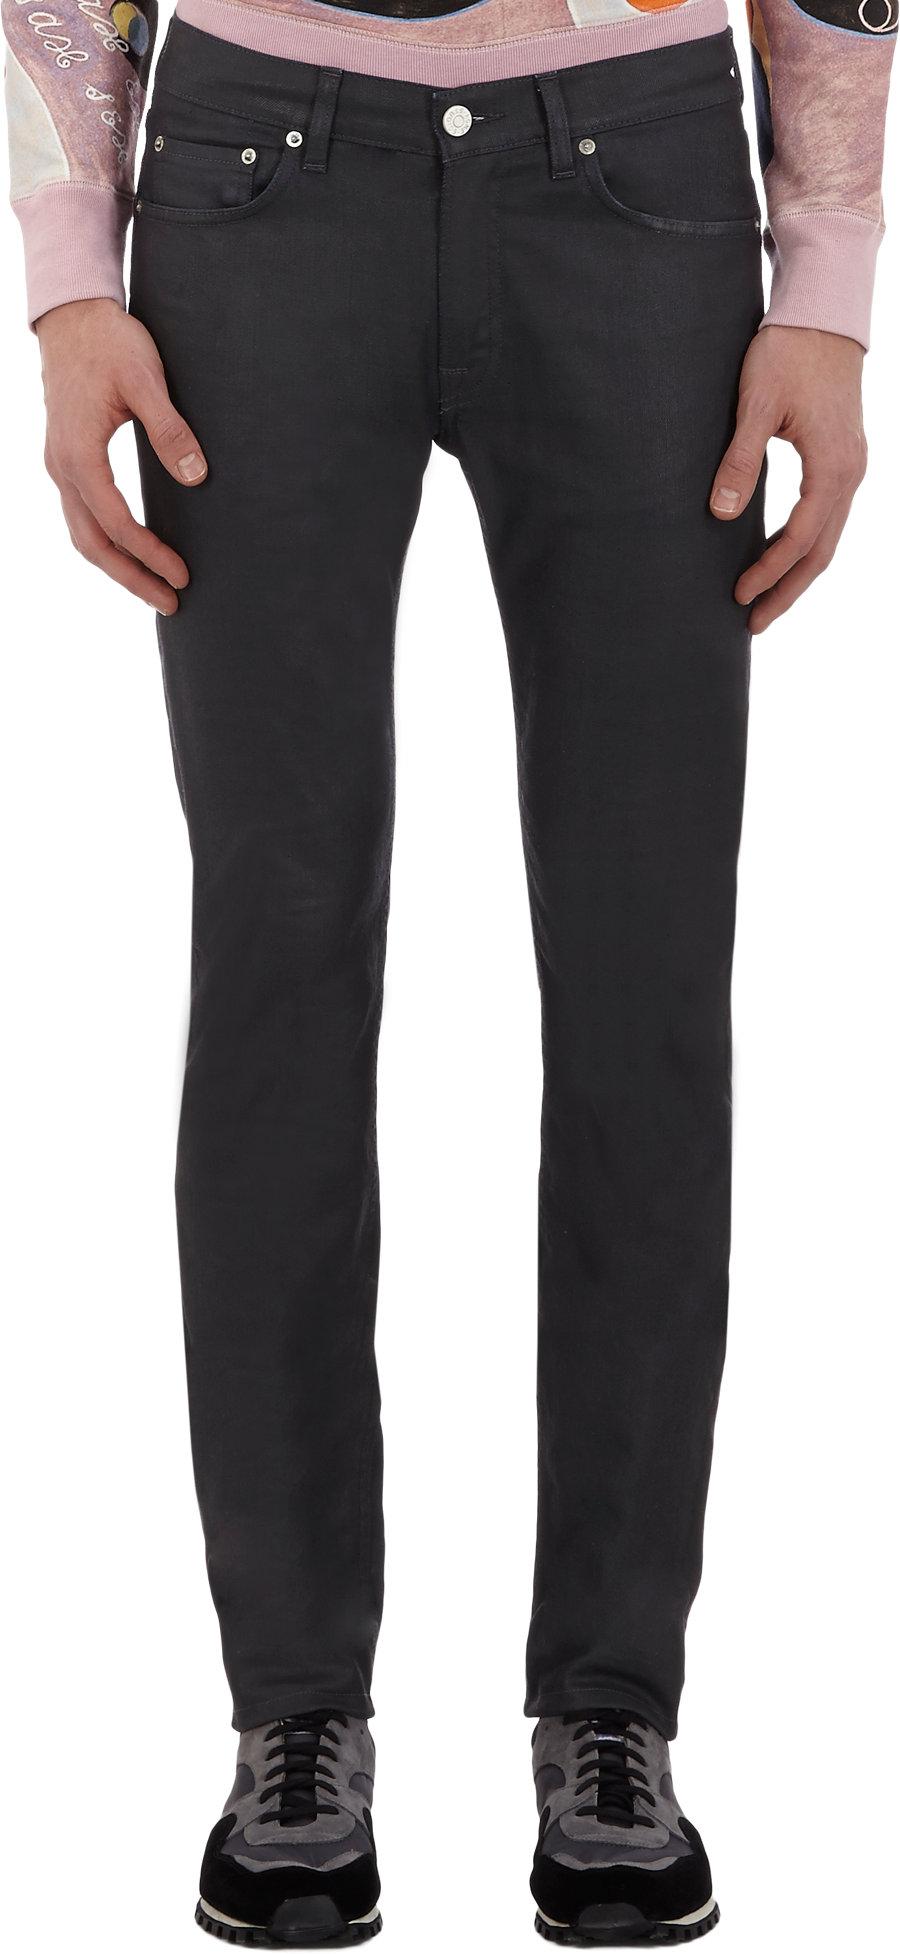 Waxed Skinny Jeans Men